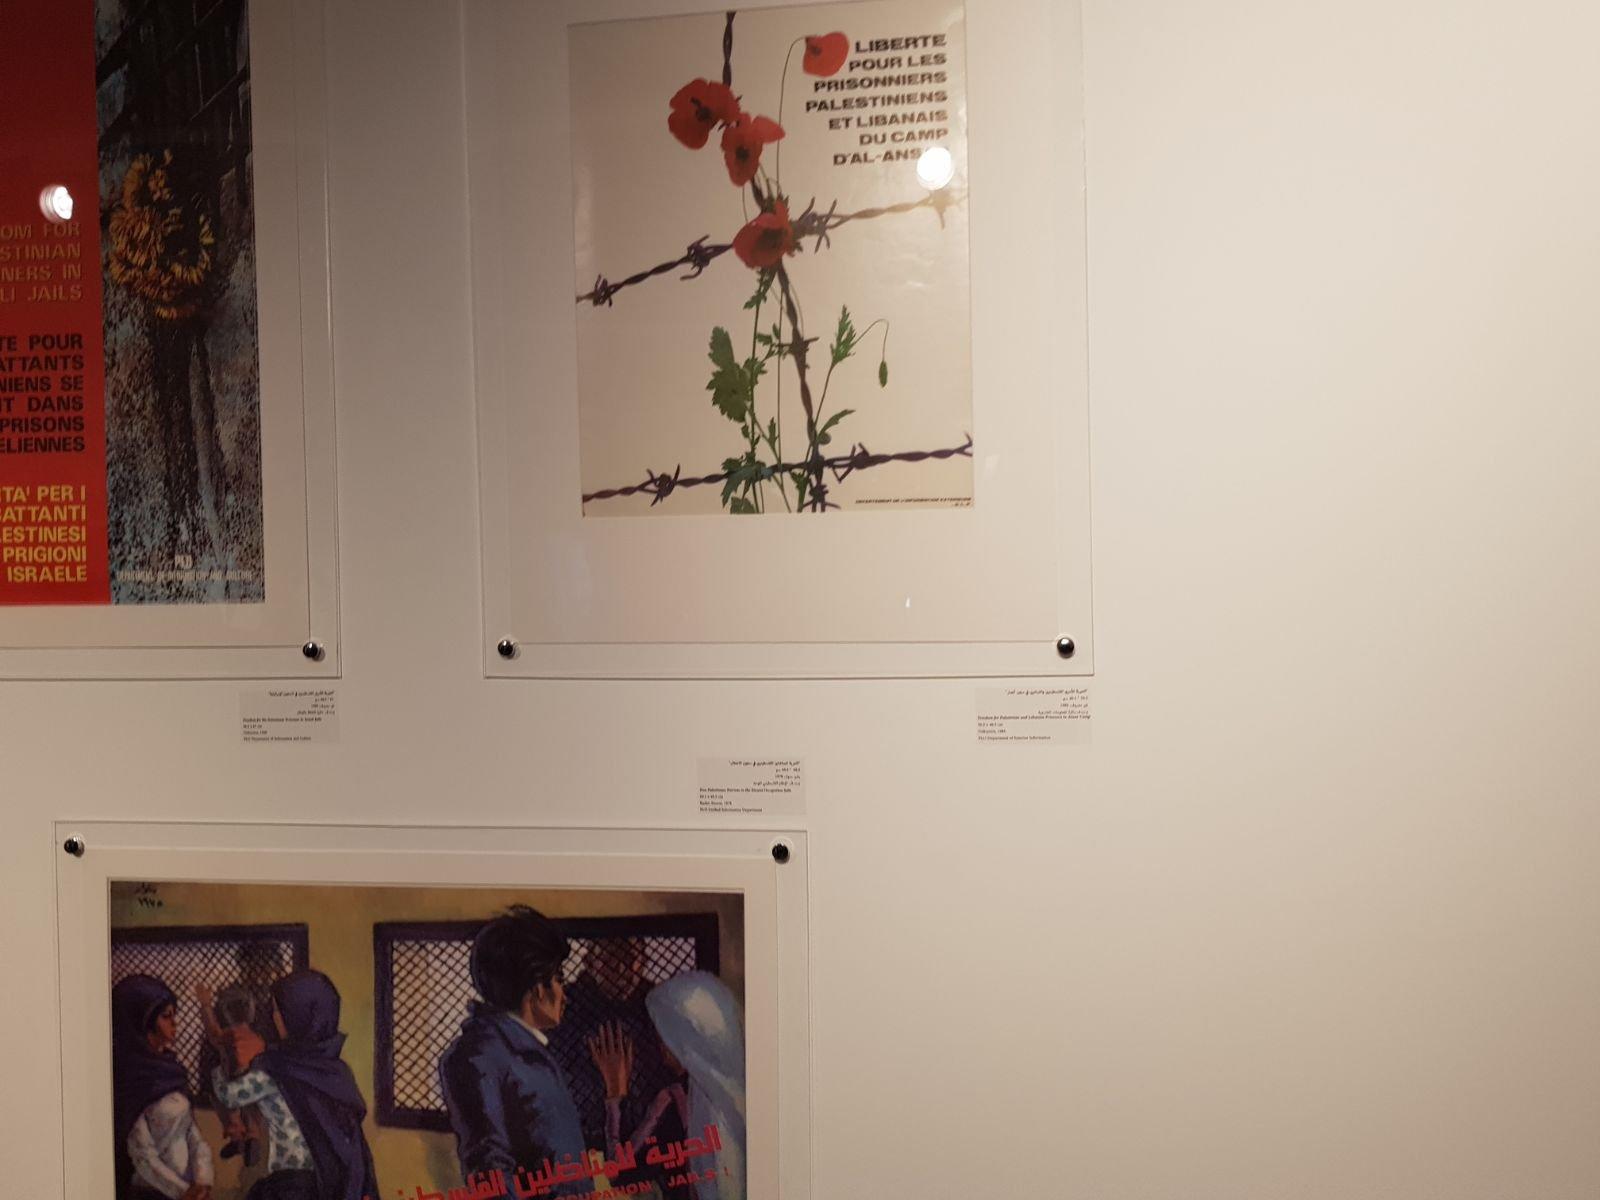 معرض يصور الأفكار والمفاهيم المتعلقة بالثورة الفلسطينية في عقدي السبعينات والثمانيات-4